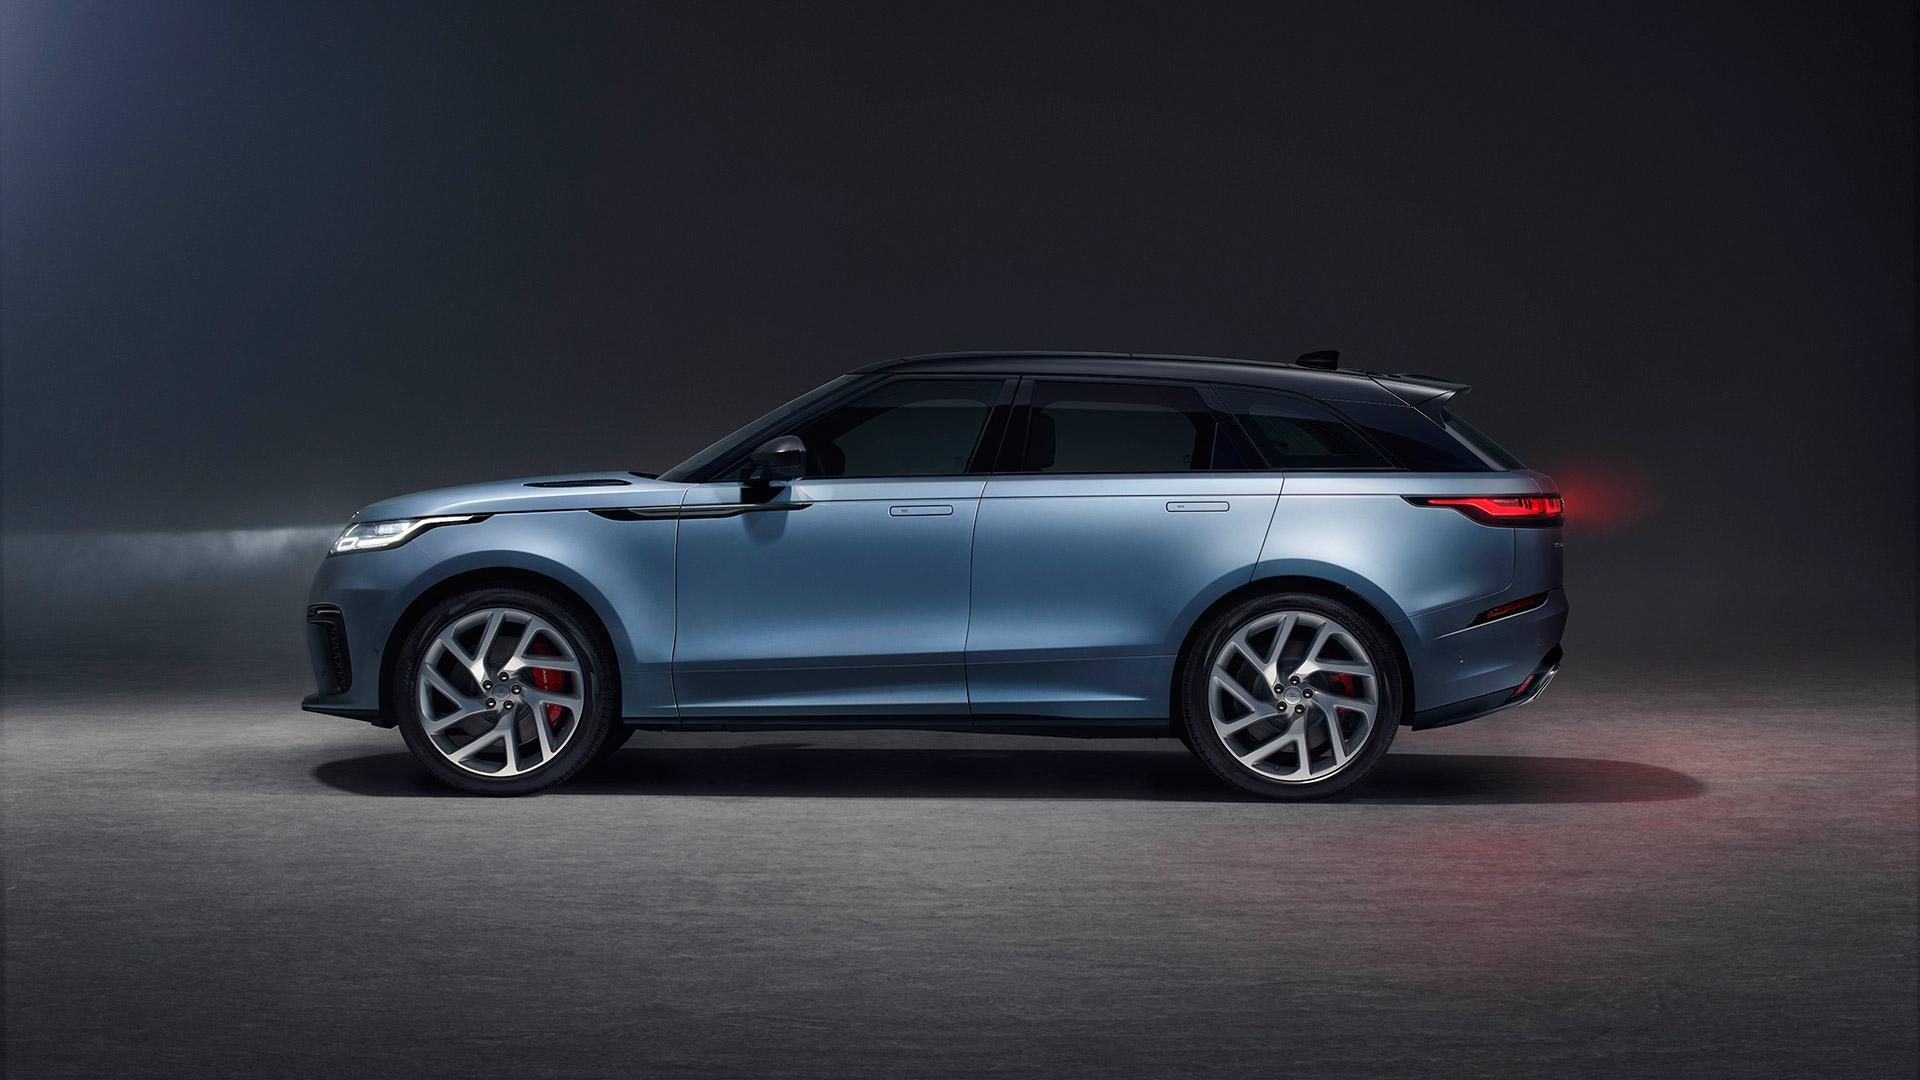 Renting Land Rover Velar